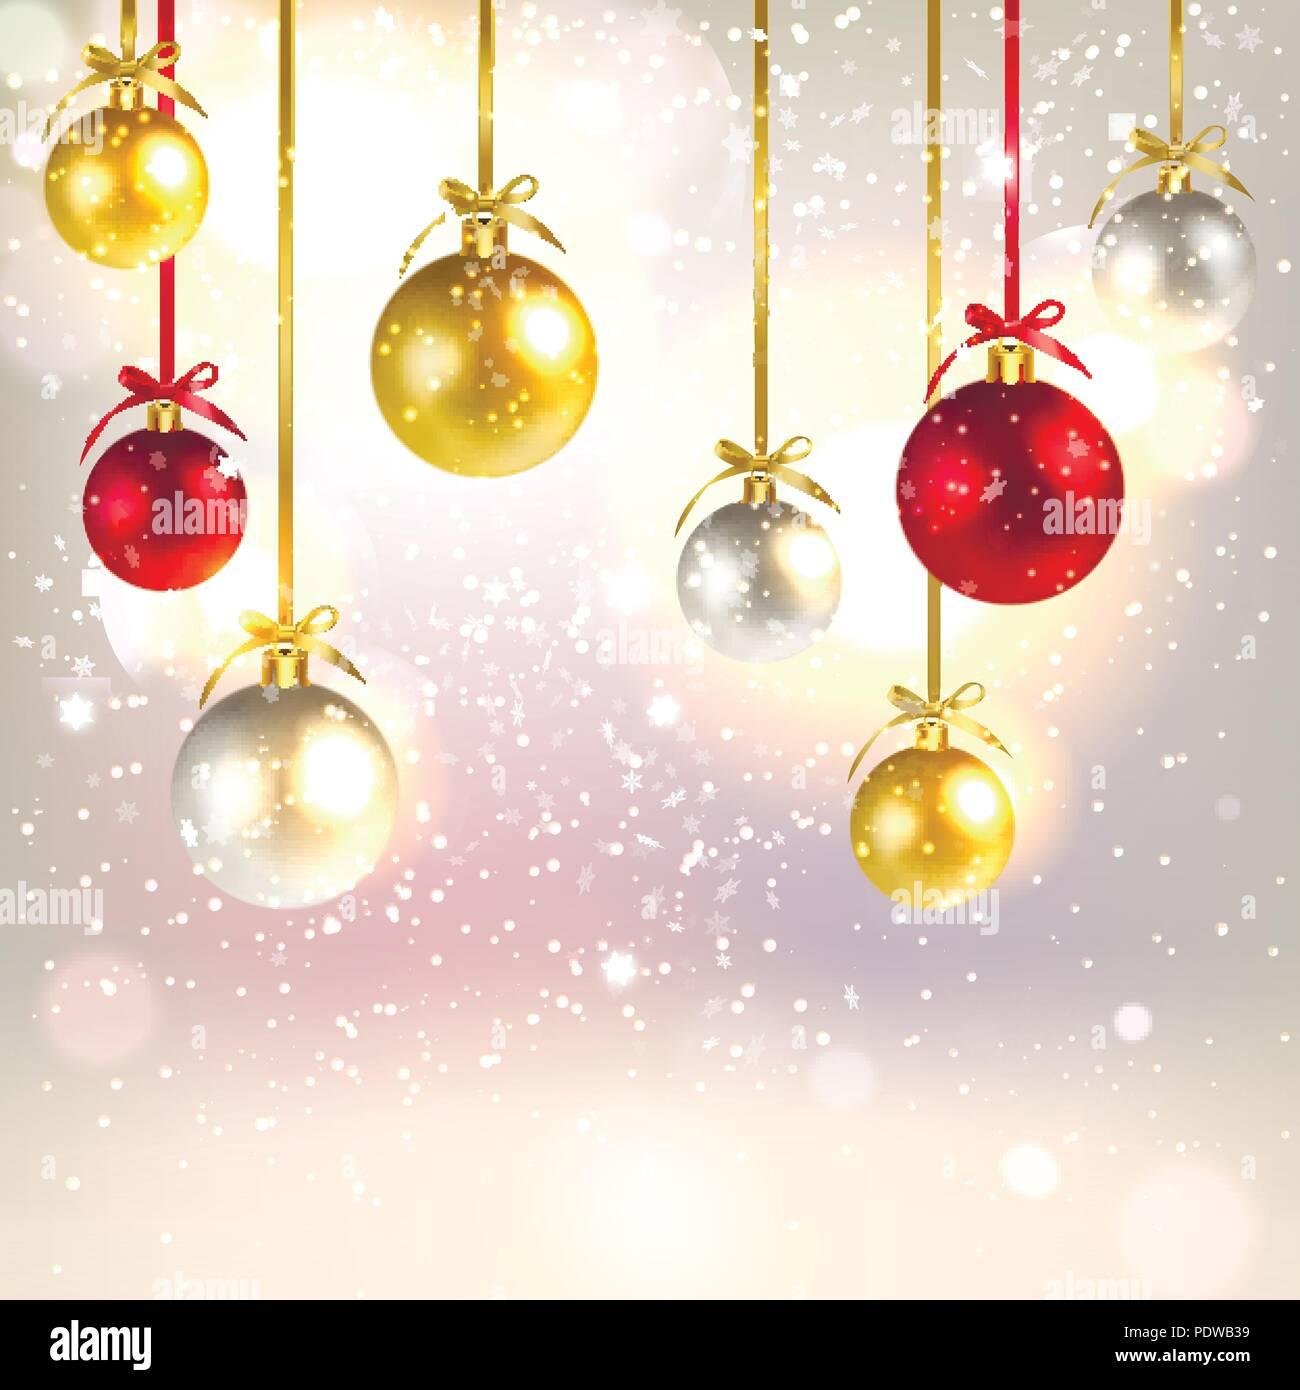 Christmas Greetings Background.Christmas Greetings Background With Shiny Christmas Balls